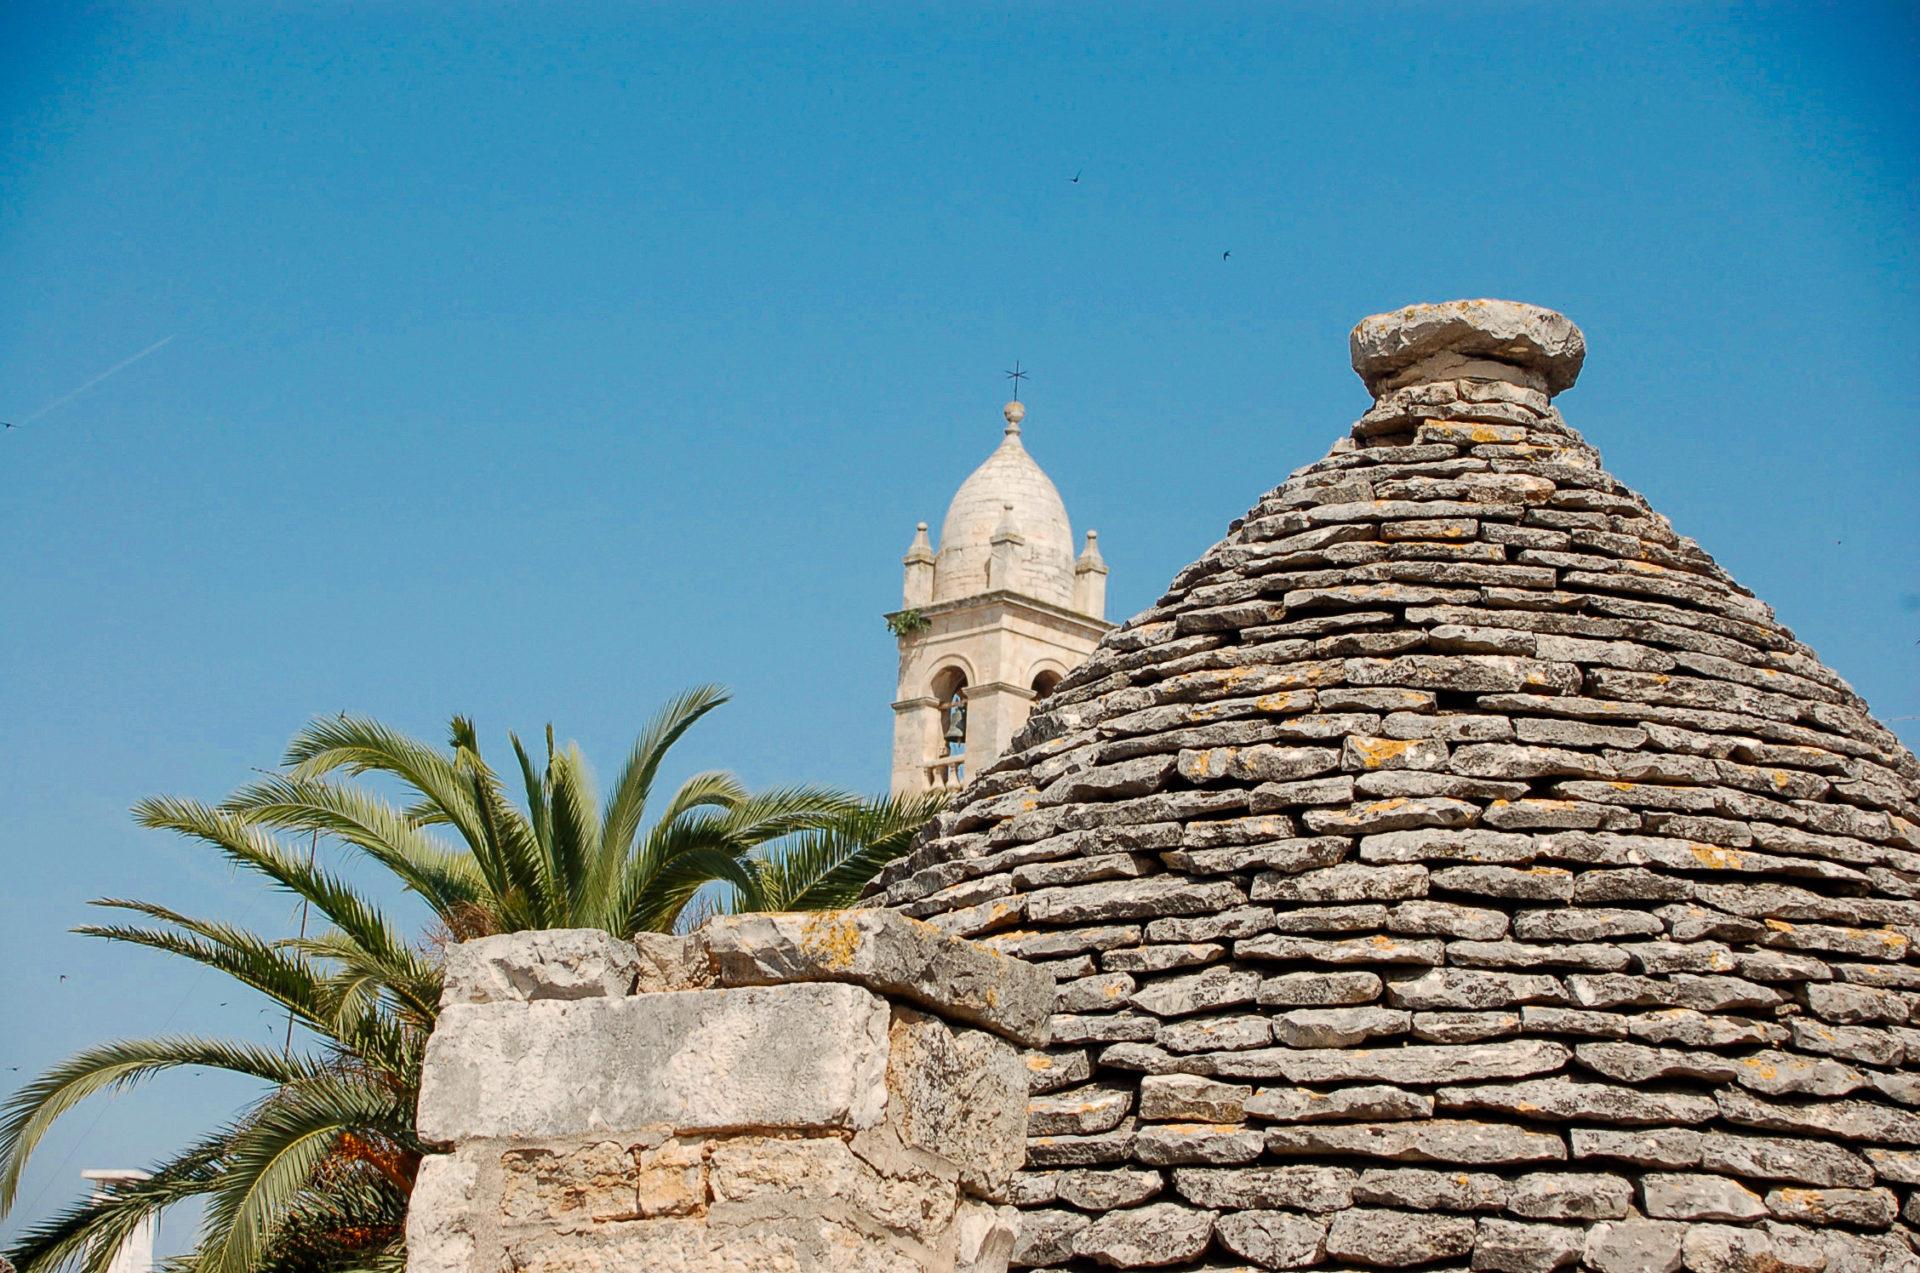 Ein Trullo in Alberobello mit dem Turm der Kirche und einer Palme